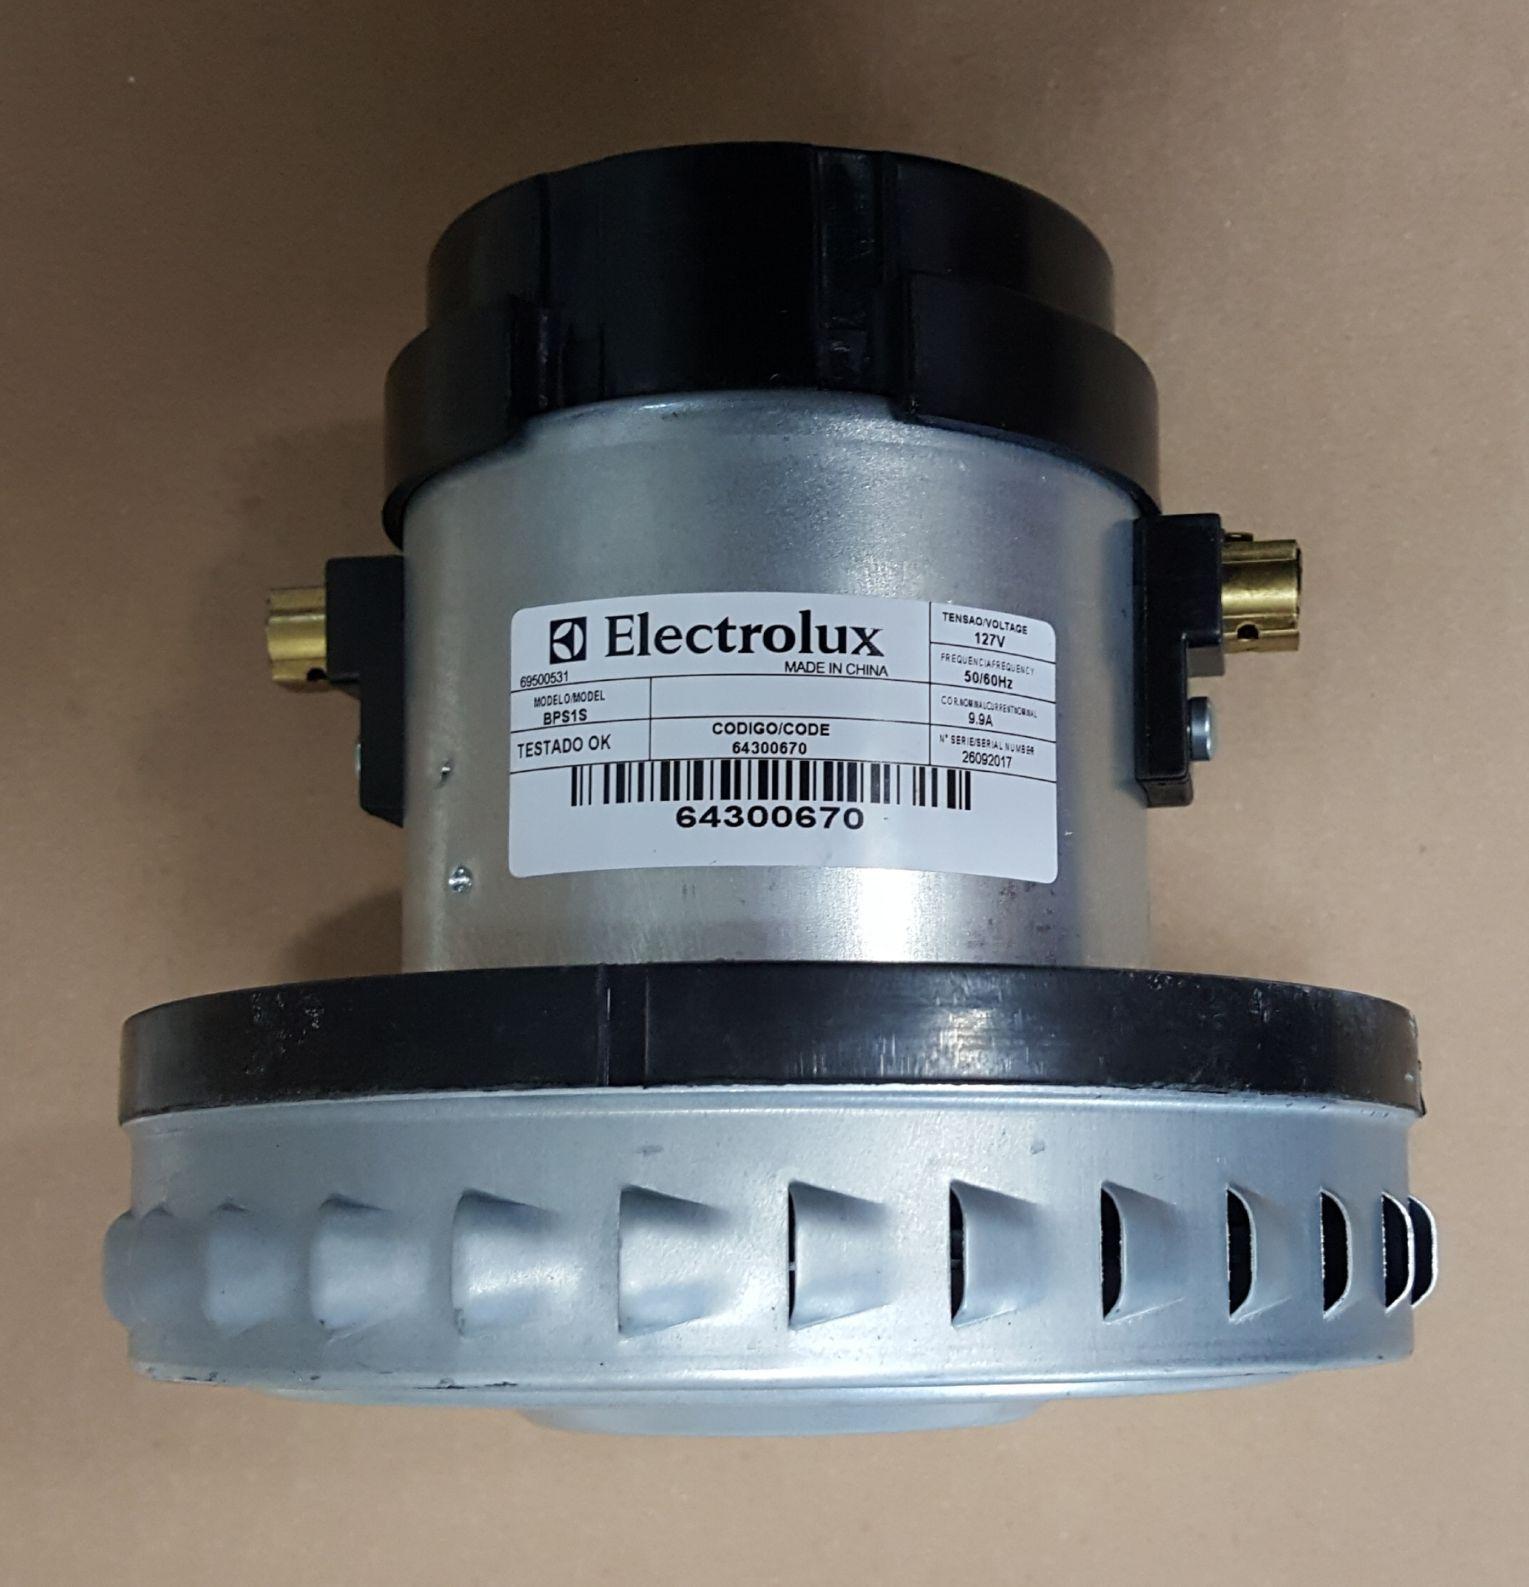 Motor Aspirador de Pó Electrolux - BPS1S - 127v - 1000w - Modelos: A10 / A20 / GT3000